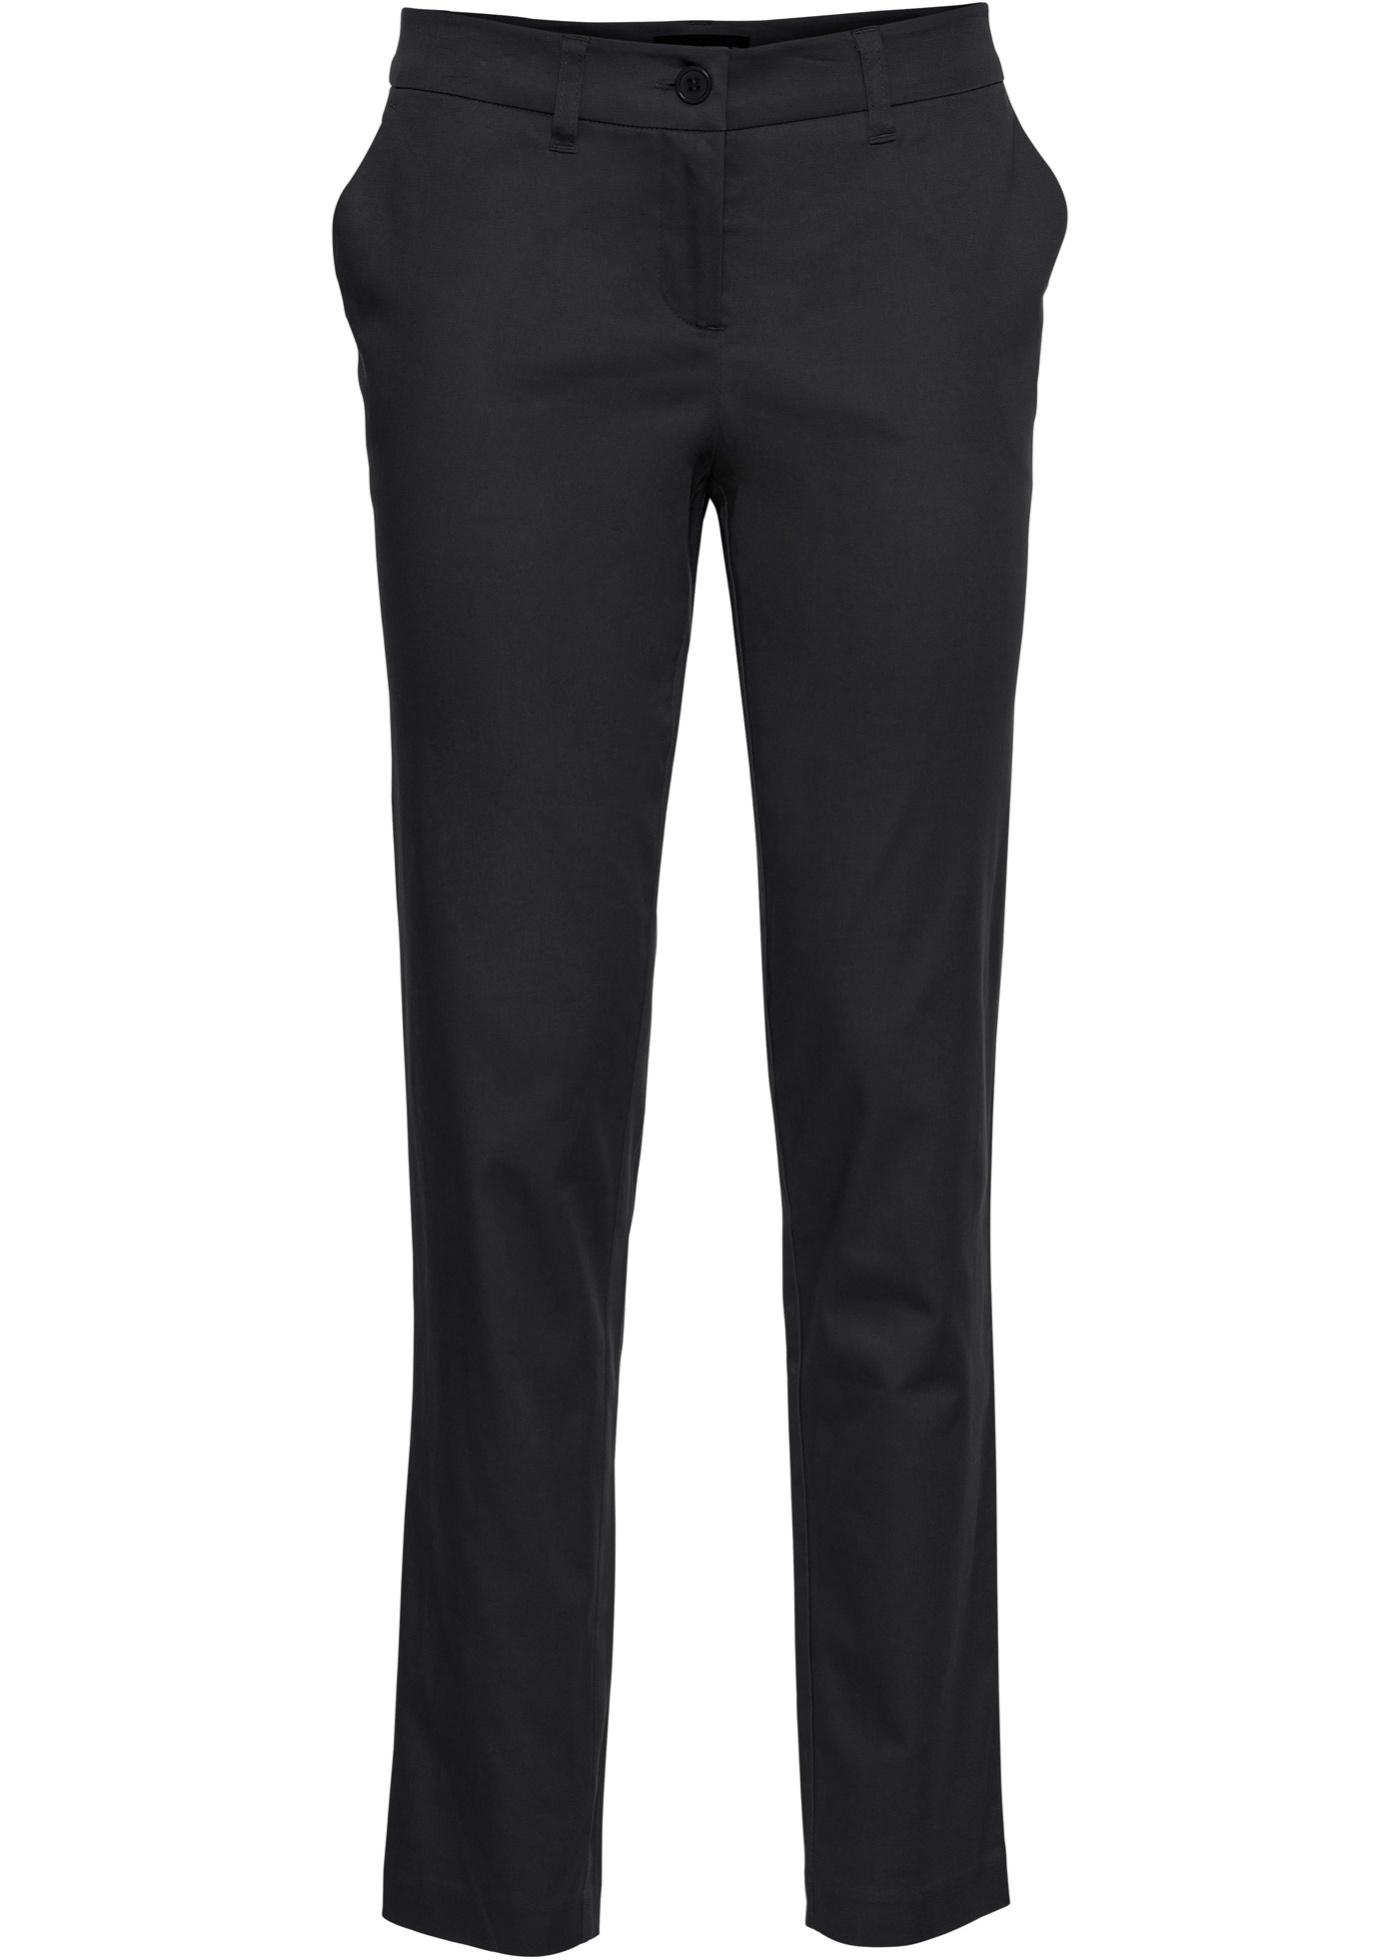 Pantalon extensible 7/8